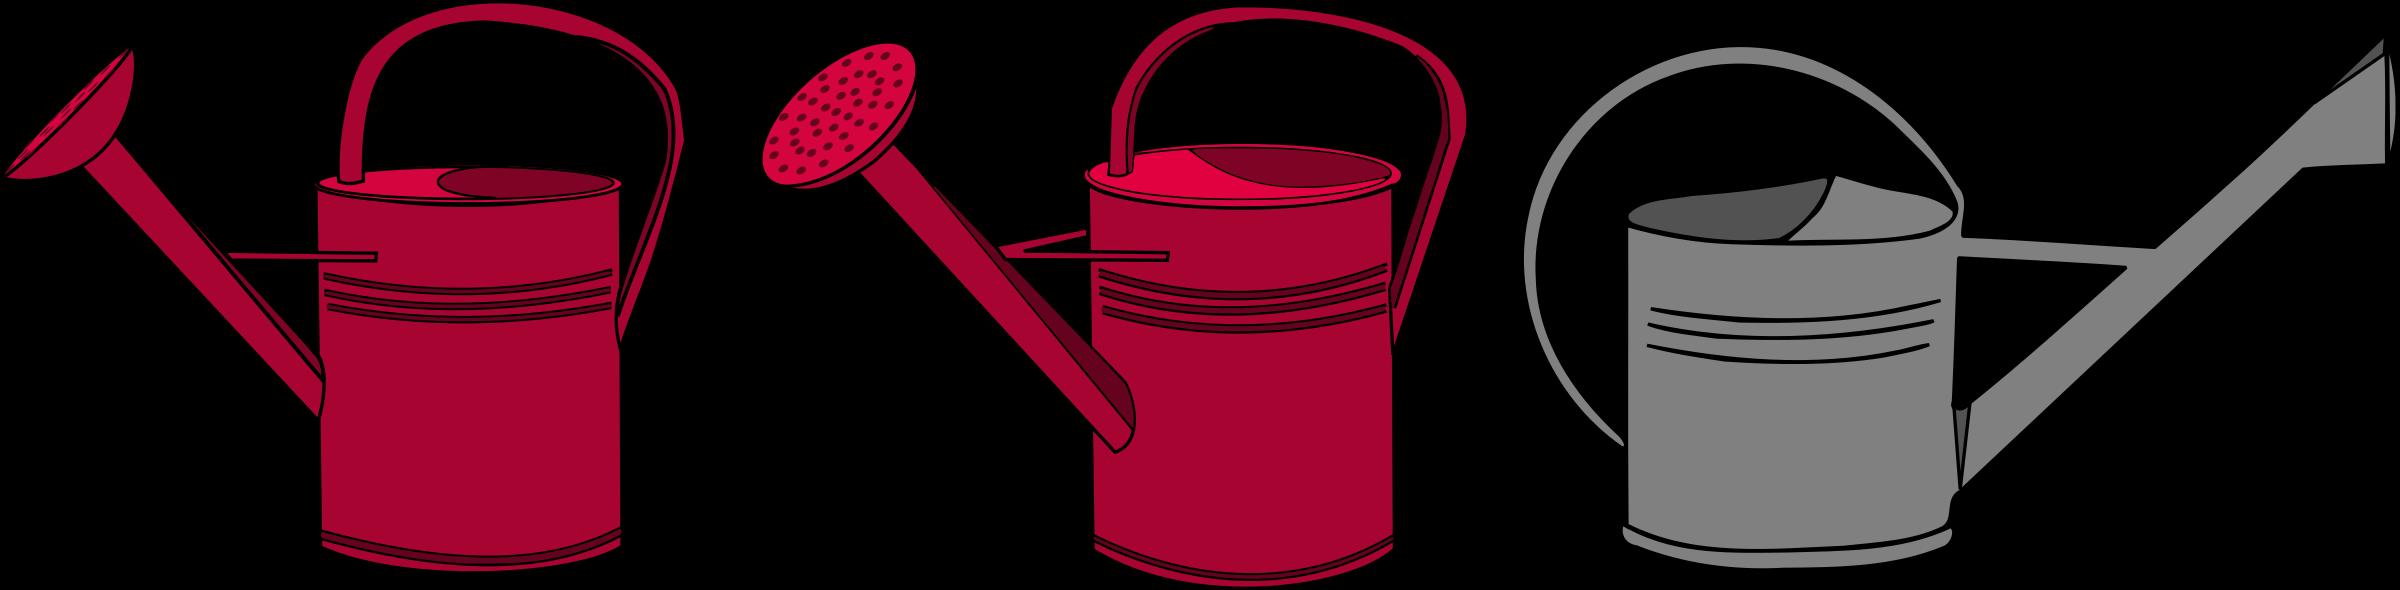 Garden clipart bucket. Watering can